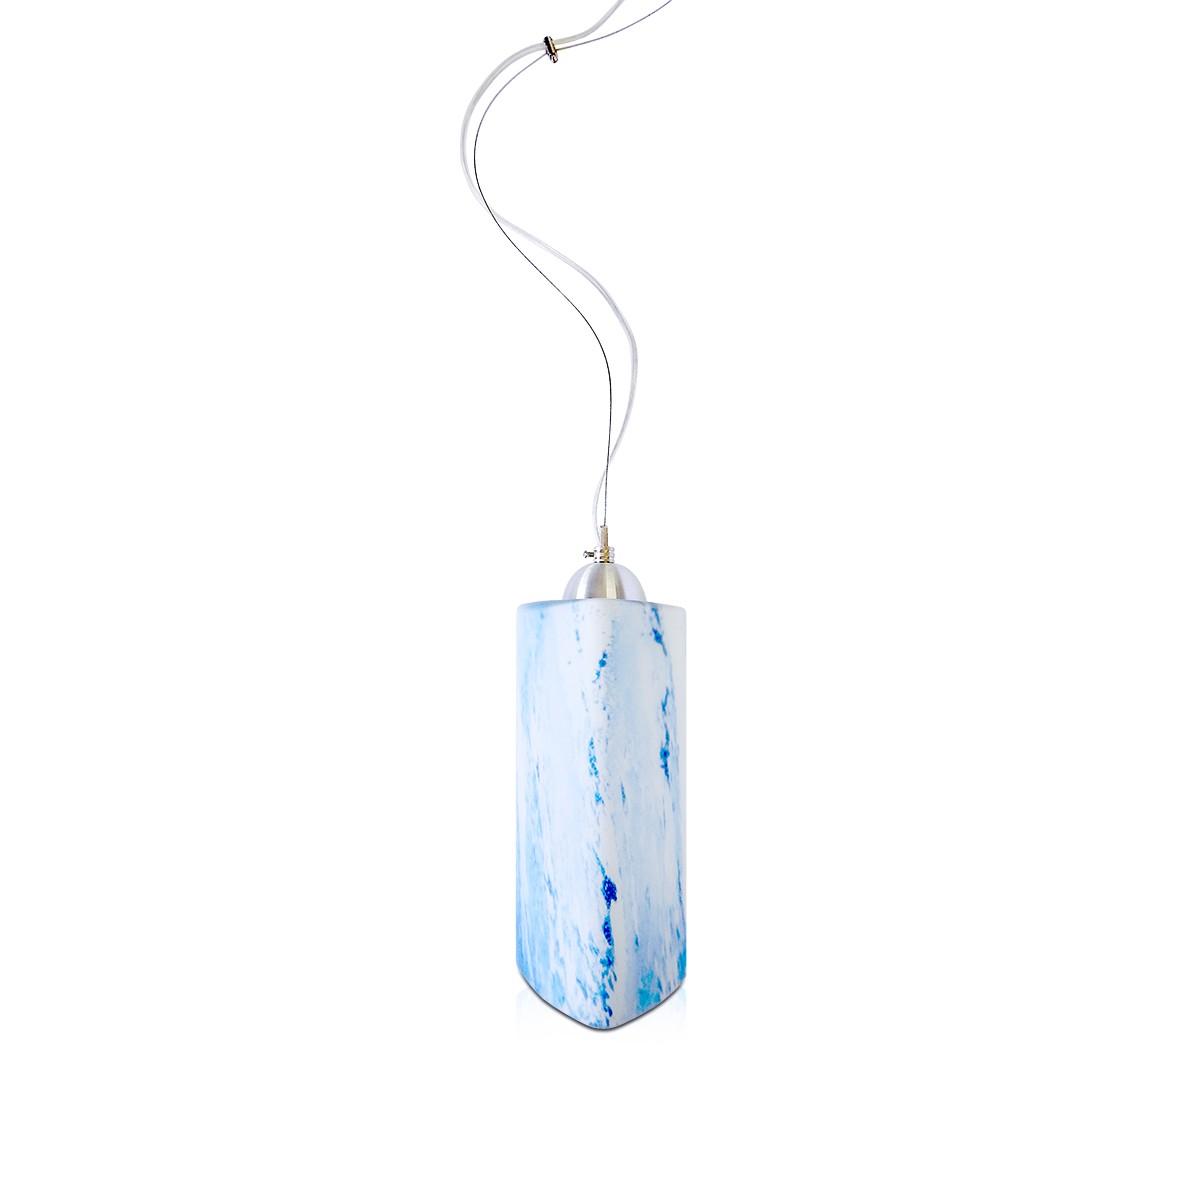 Pendente Trio Aluminio+Vidro Triangular Fosco E-27 1 Lamp. Max 60w Azul